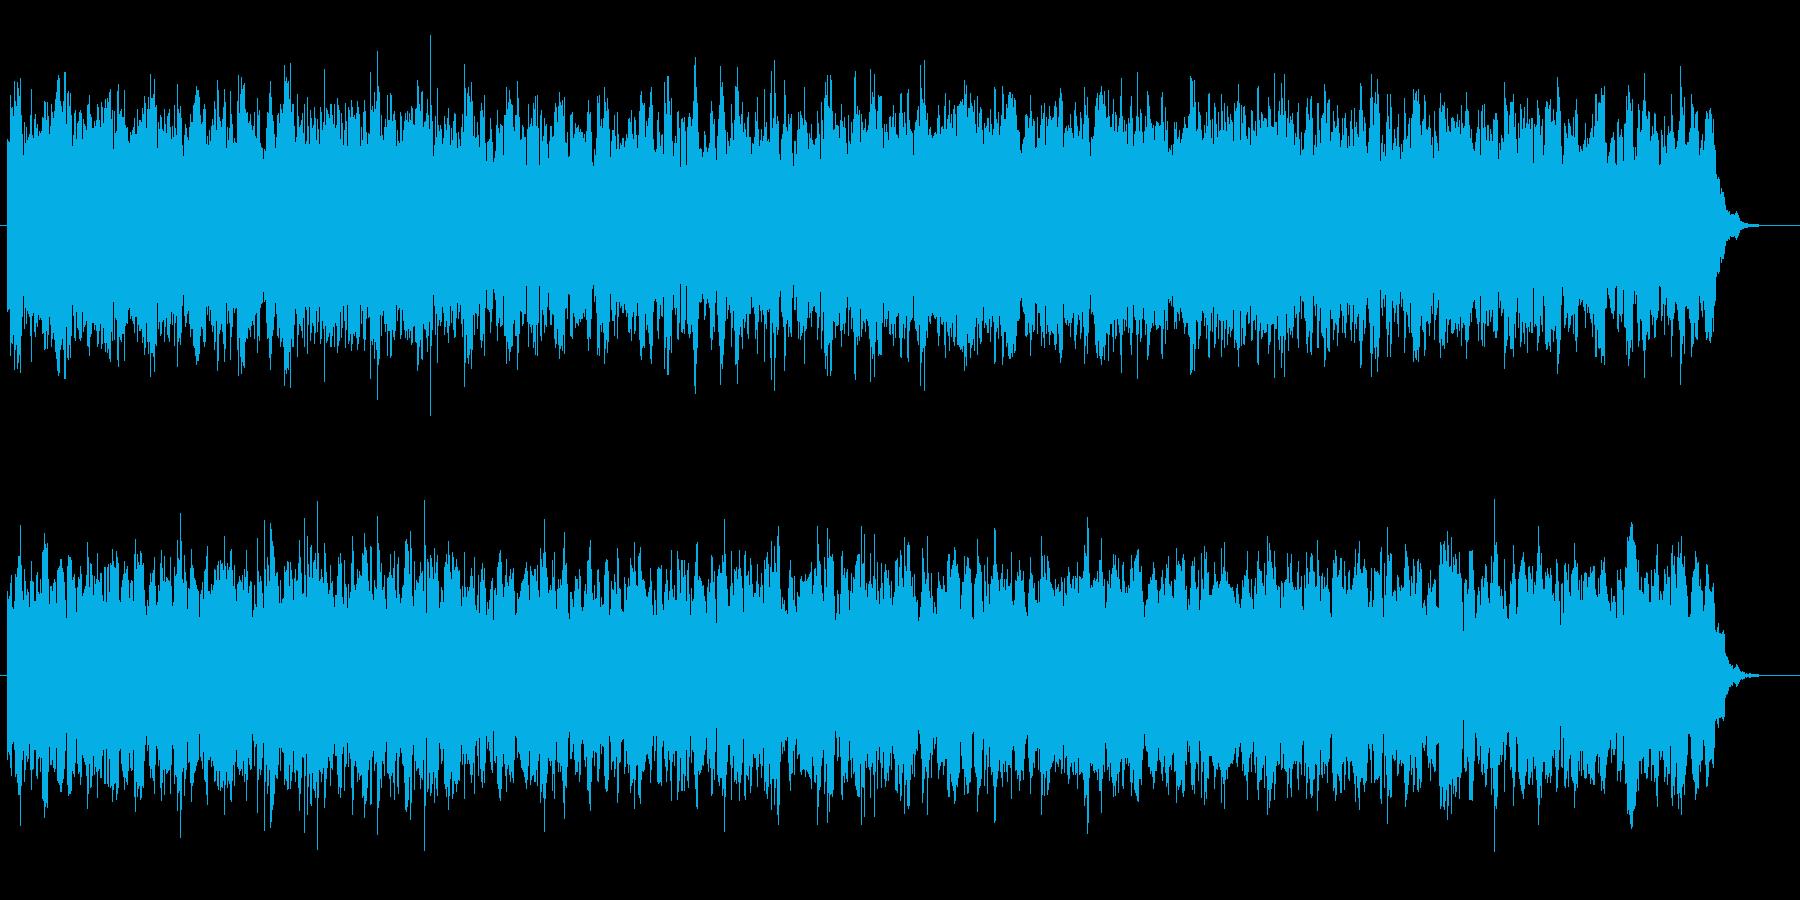 未来感のあるピアノシンセの再生済みの波形